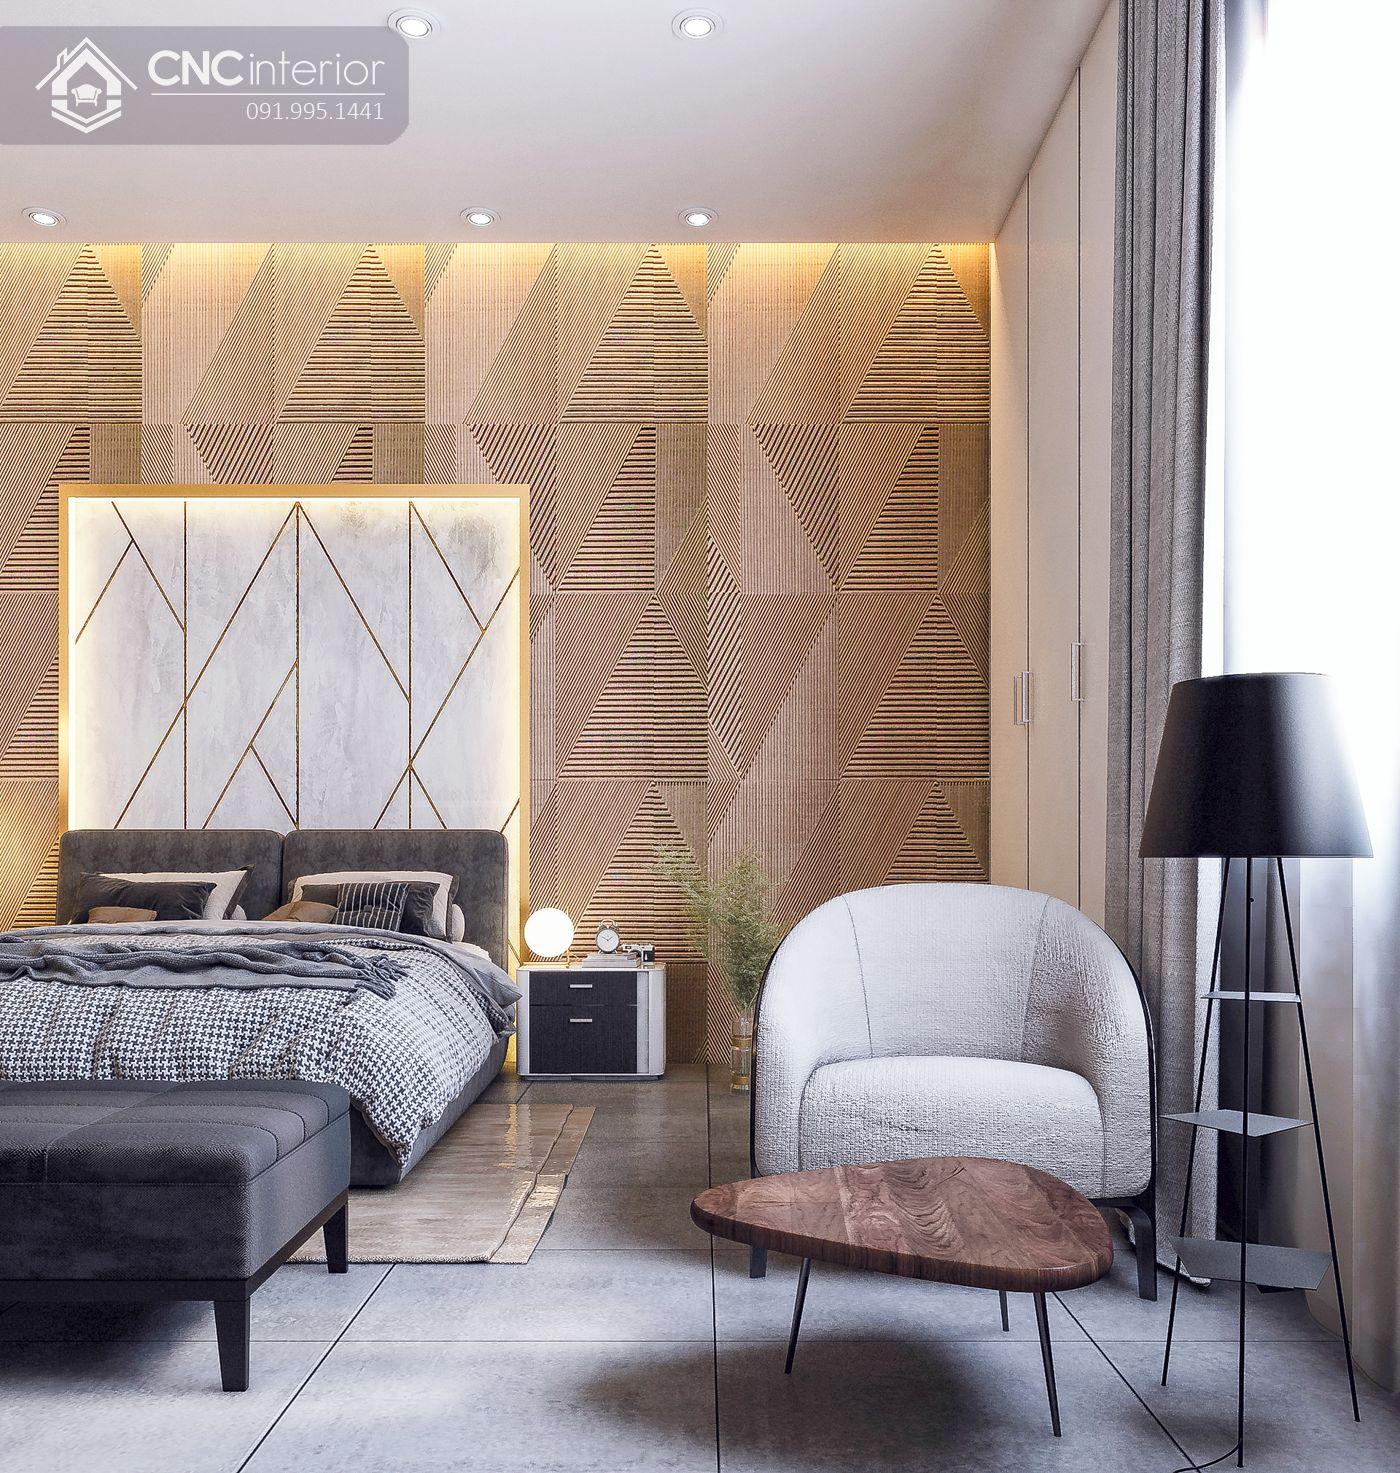 thiết kế nội thất phòng ngủ đẹp 29